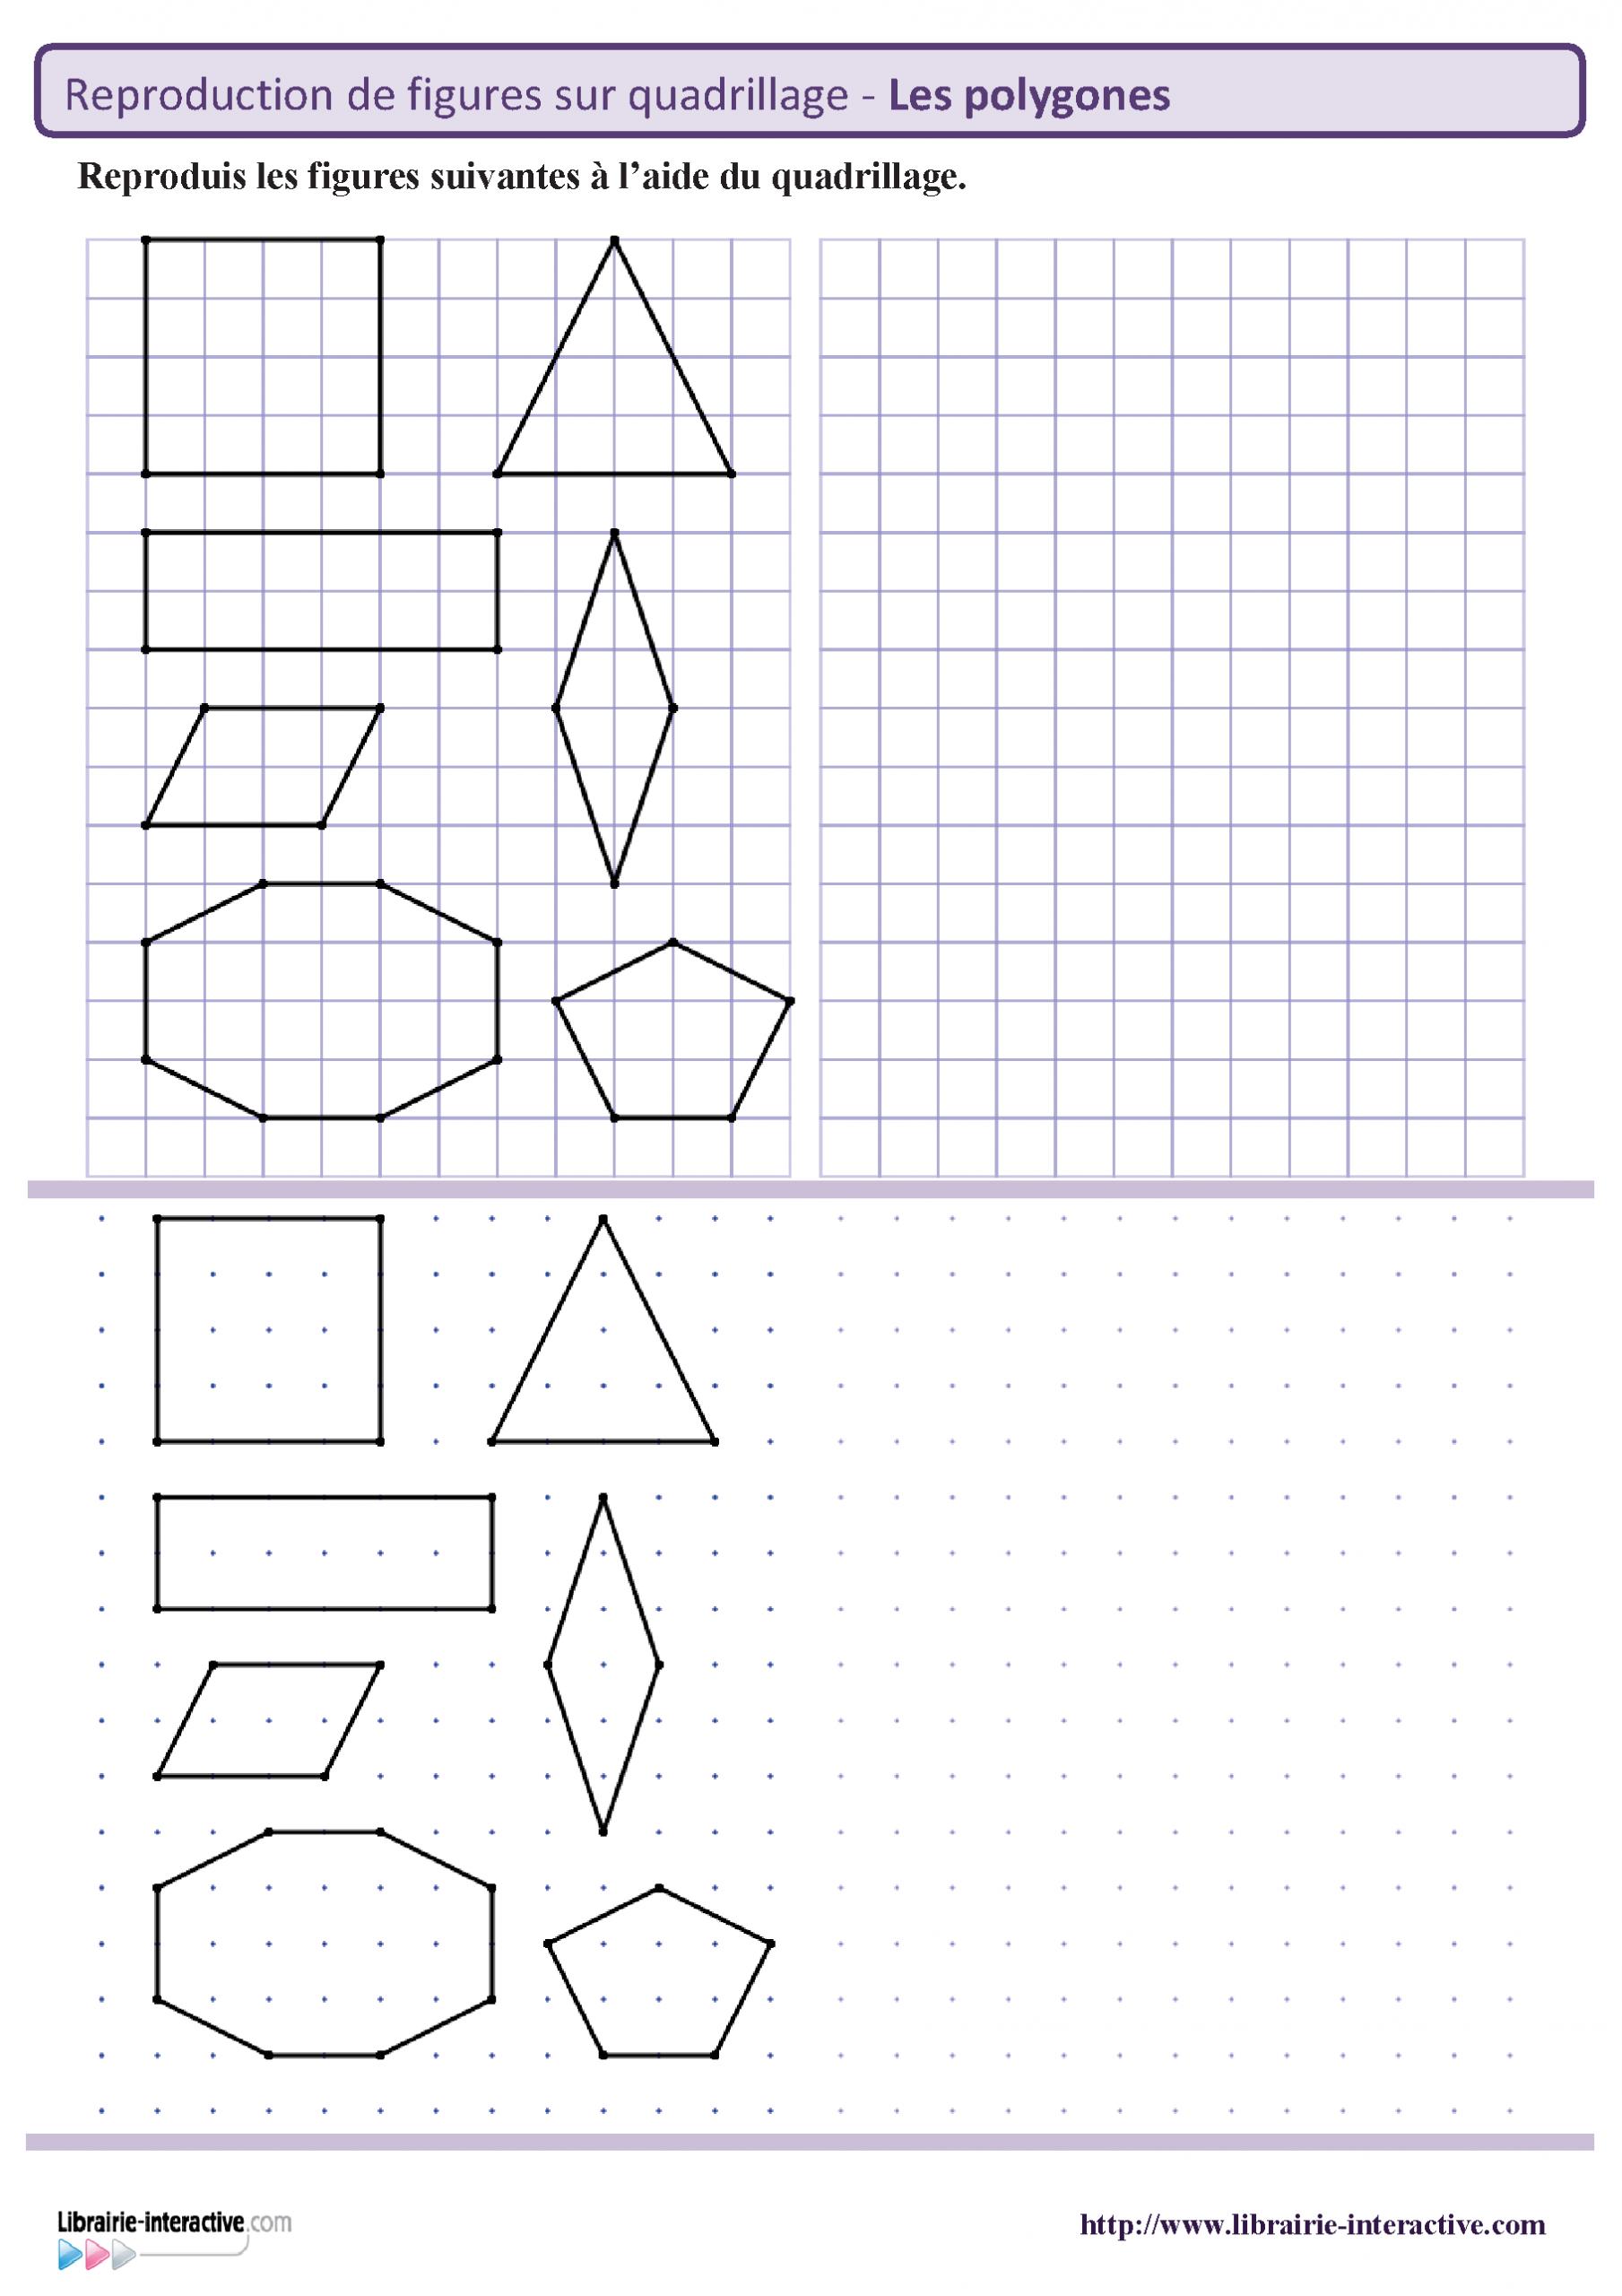 Reproduction Des Principaux Polygones Sur Quadrillage Et à Reproduction De Figures Ce1